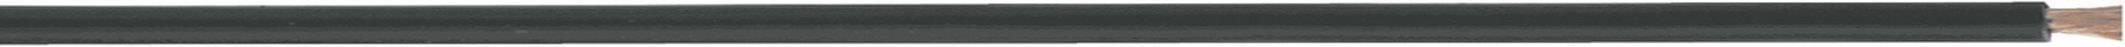 Merací vodič LappKabel 4560017S LiFY, 1 x 0.75 mm², vonkajší Ø 2.50 mm, metrový tovar, zelenožltá